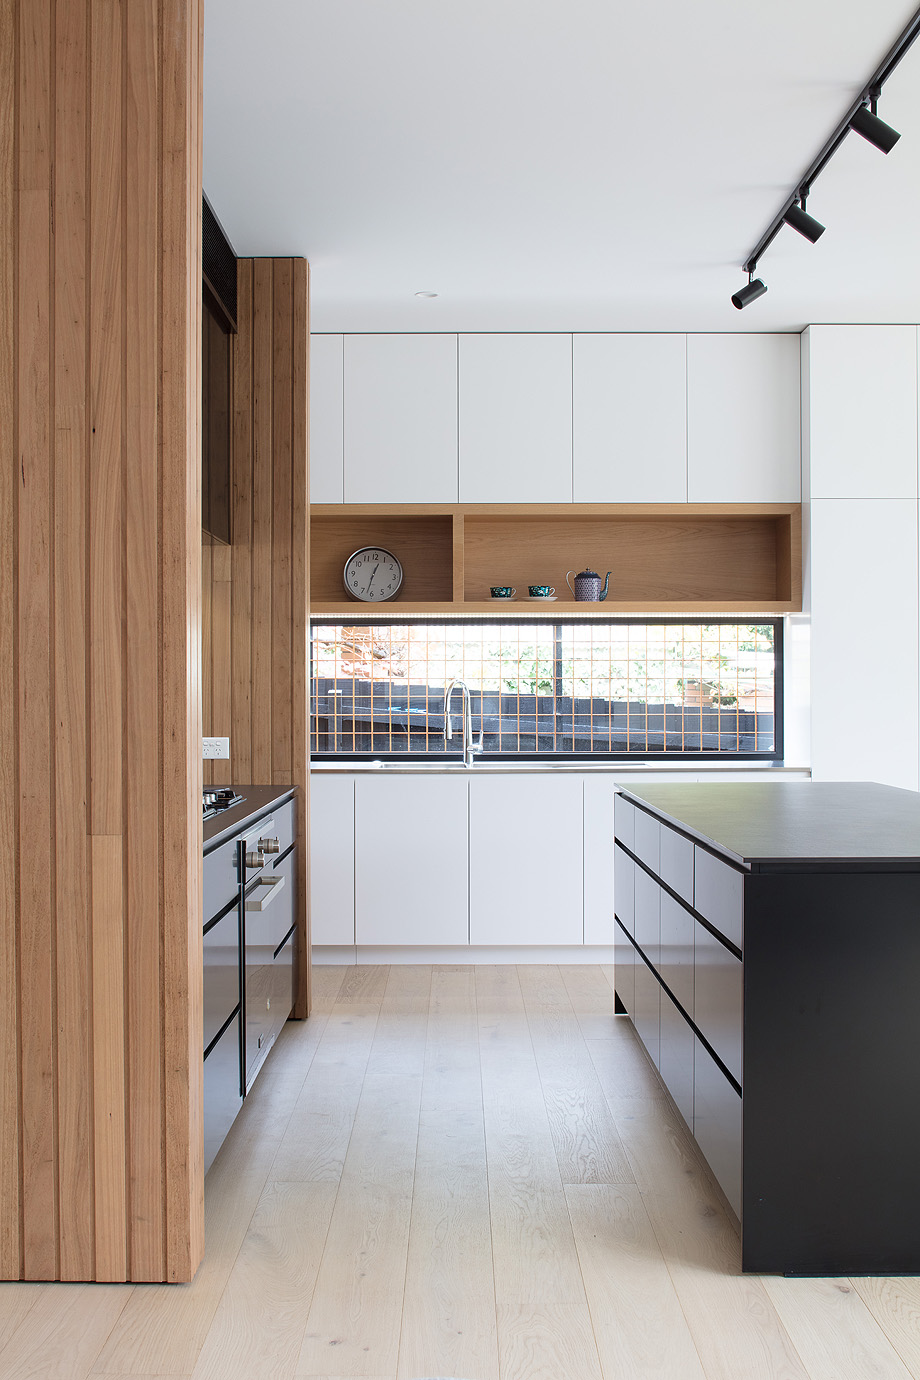 ampliación de una casa por modscape - foto john madden (11)